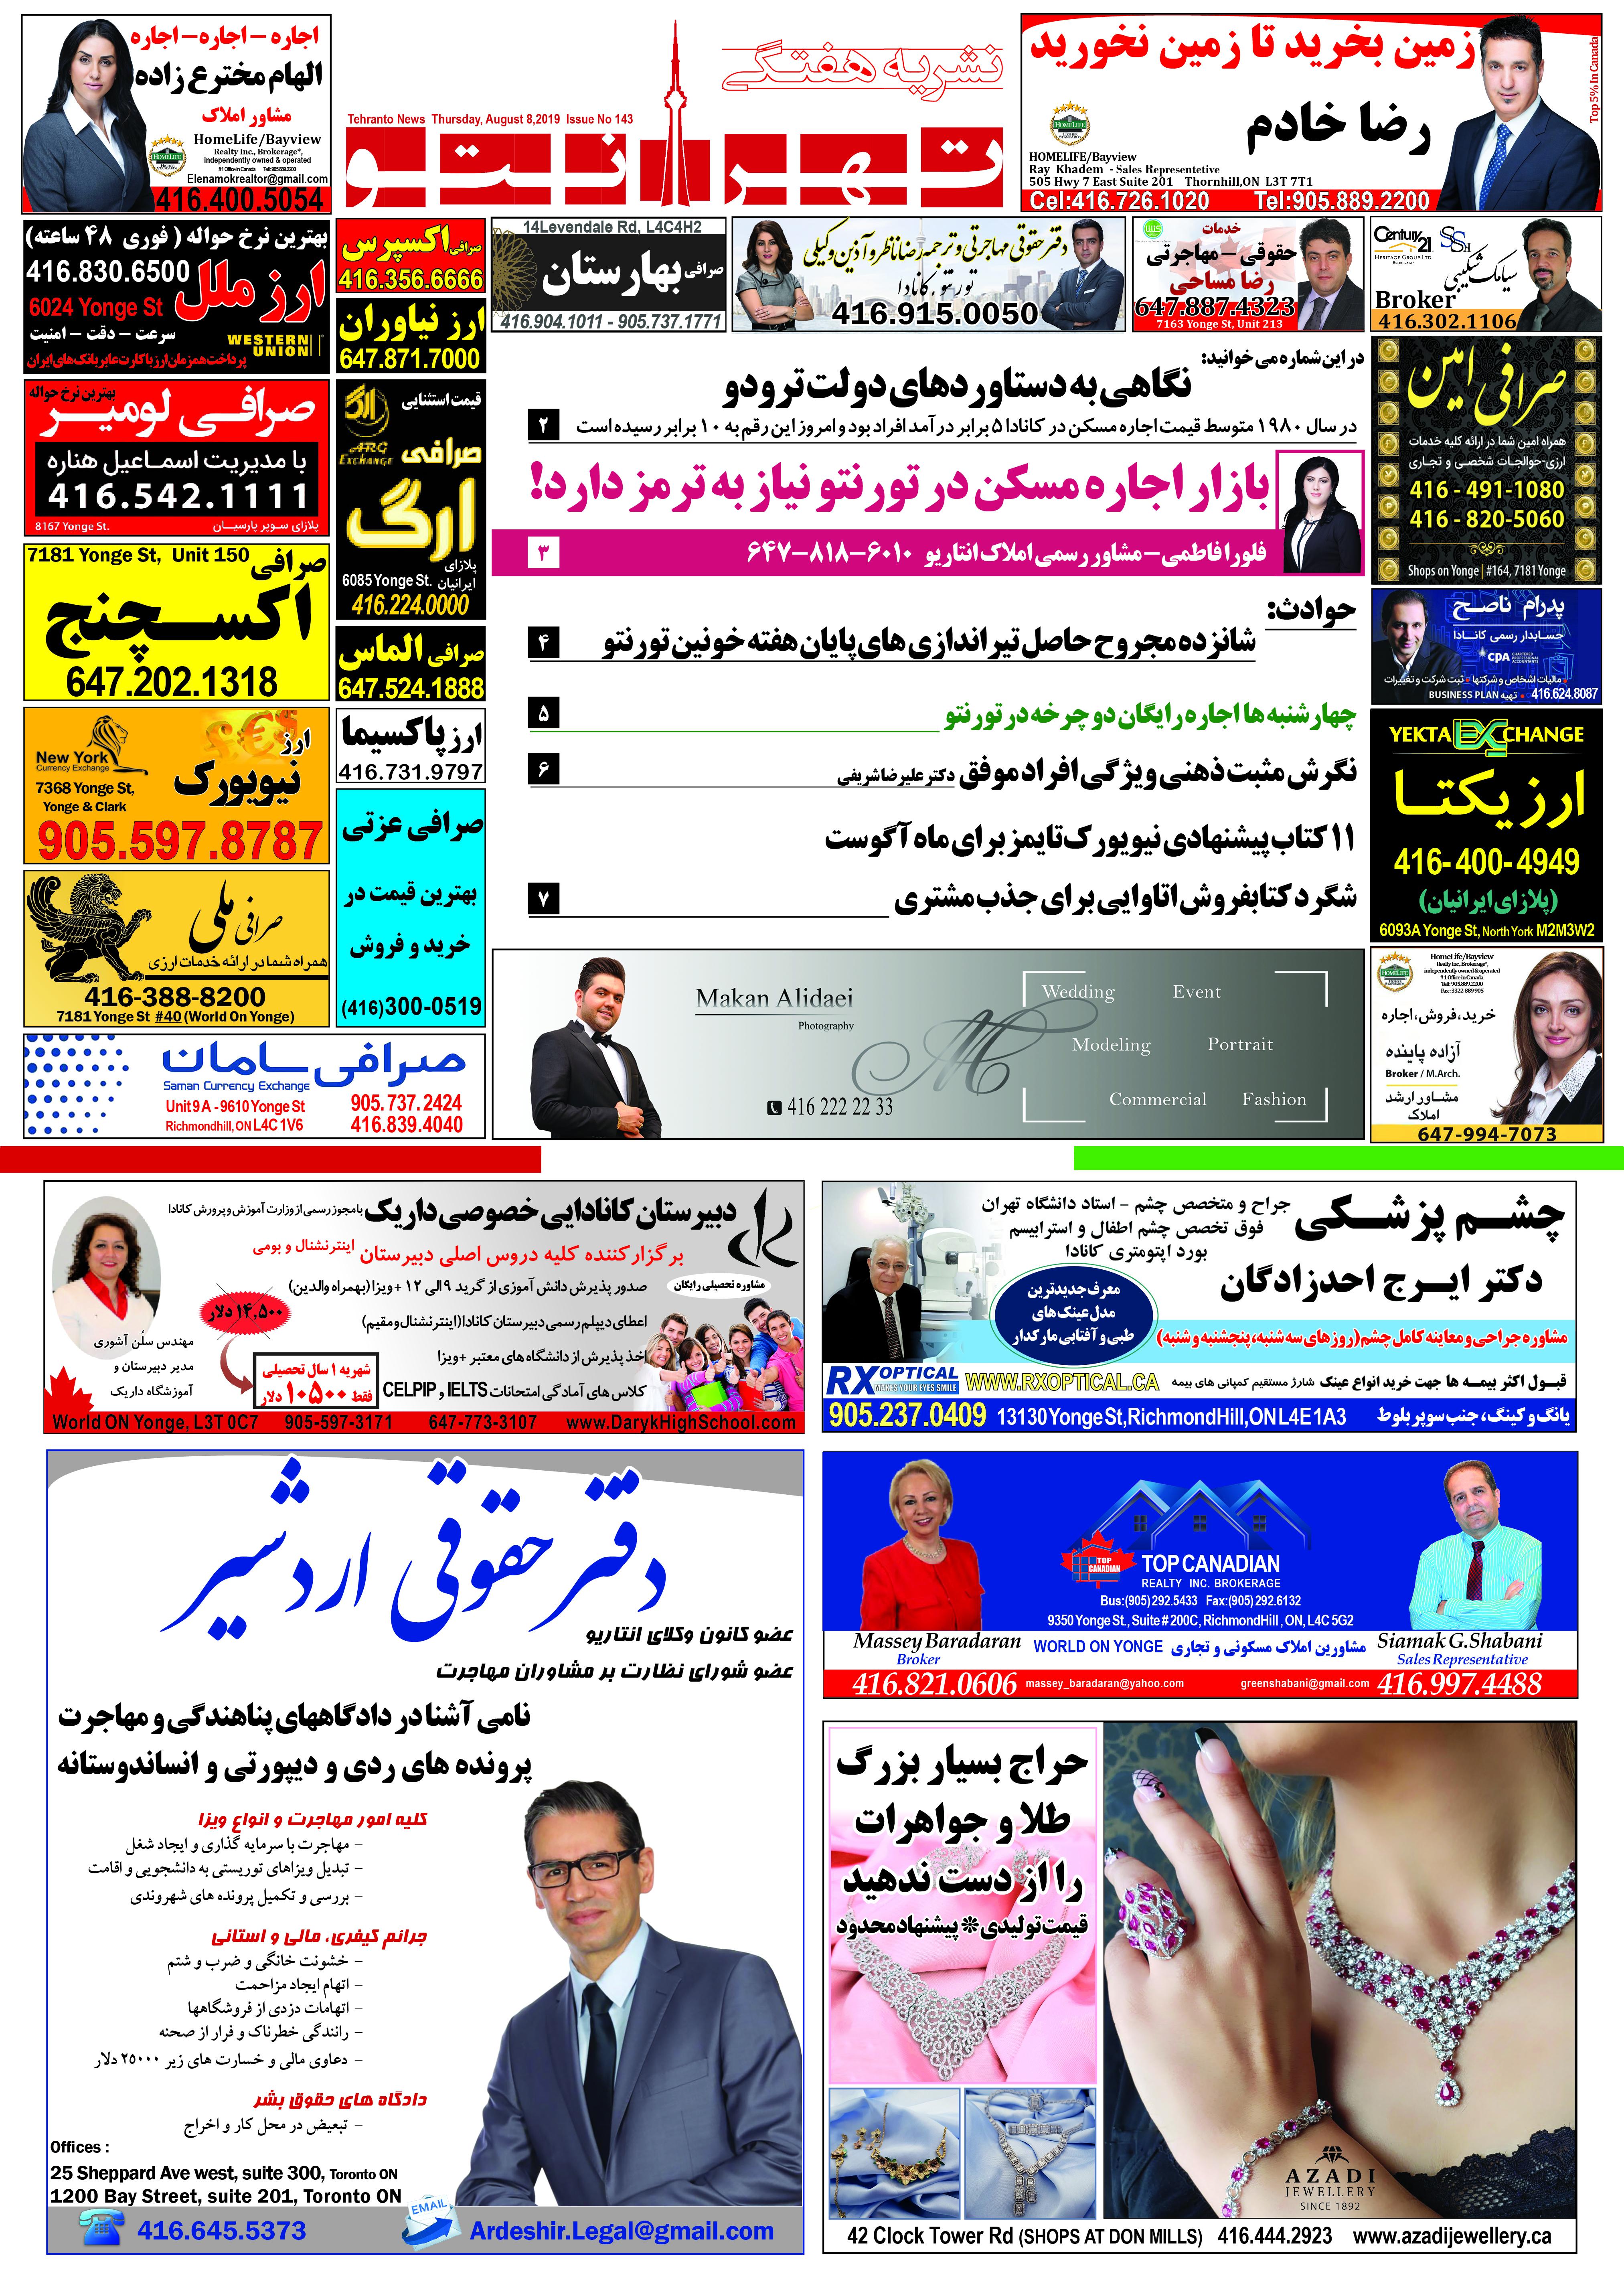 تصویر از نشریه شماره 143 تهرانتو منتشر شد